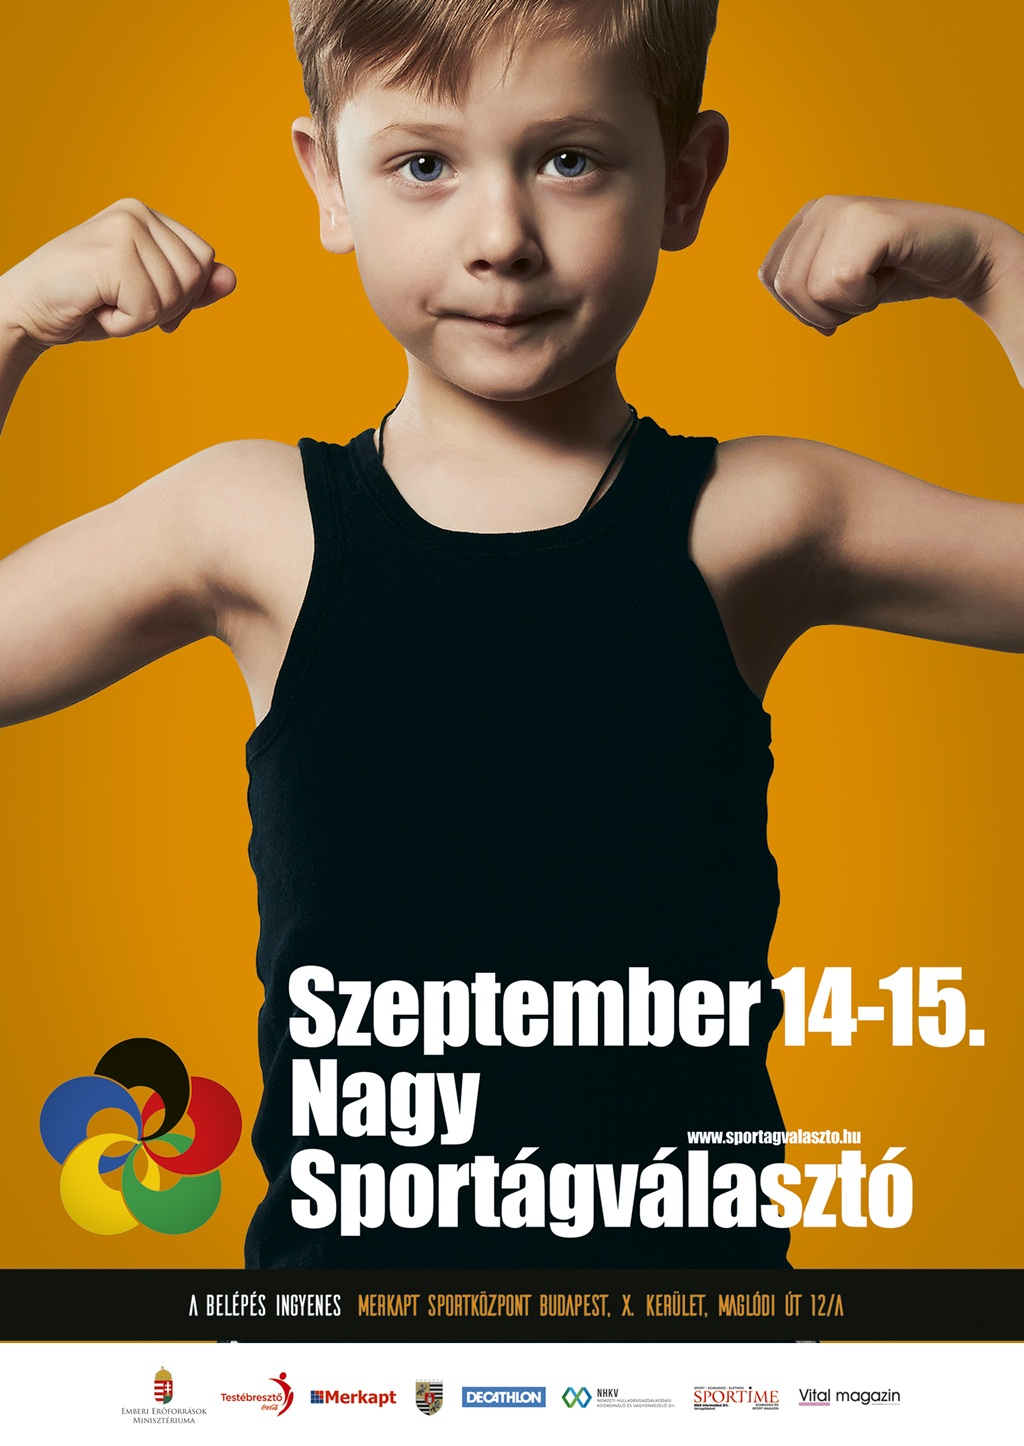 Nagy Sportágválasztó Forrás: www.sportagvalaszto.hu